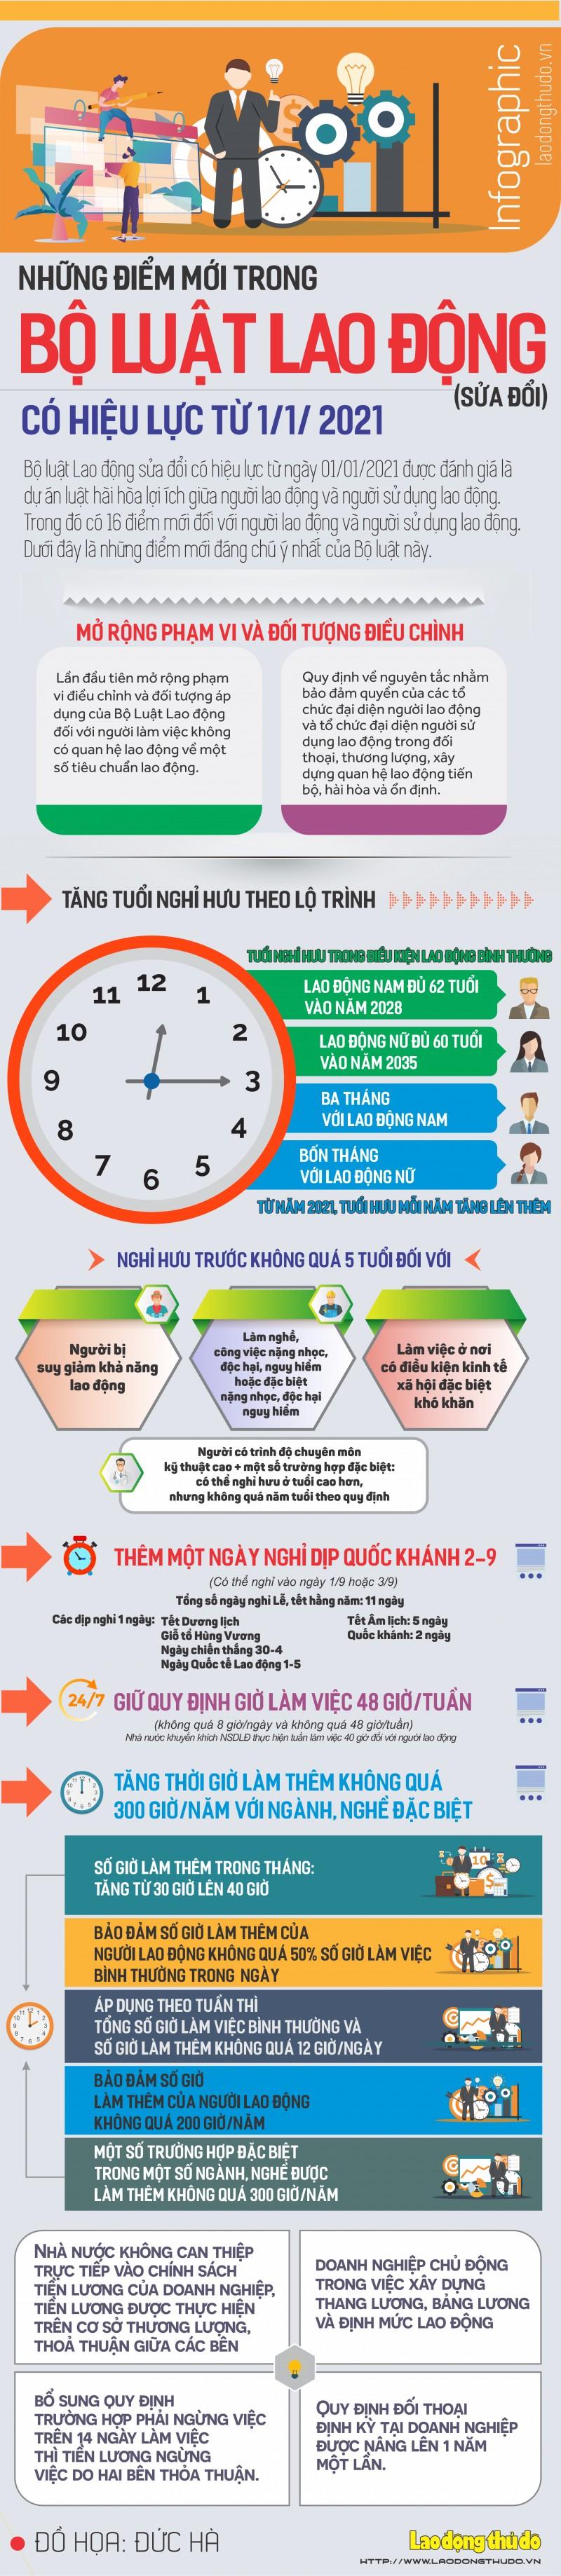 infographic nhung diem moi trong bo luat lao dong sua doi co hieu luc tu 112021